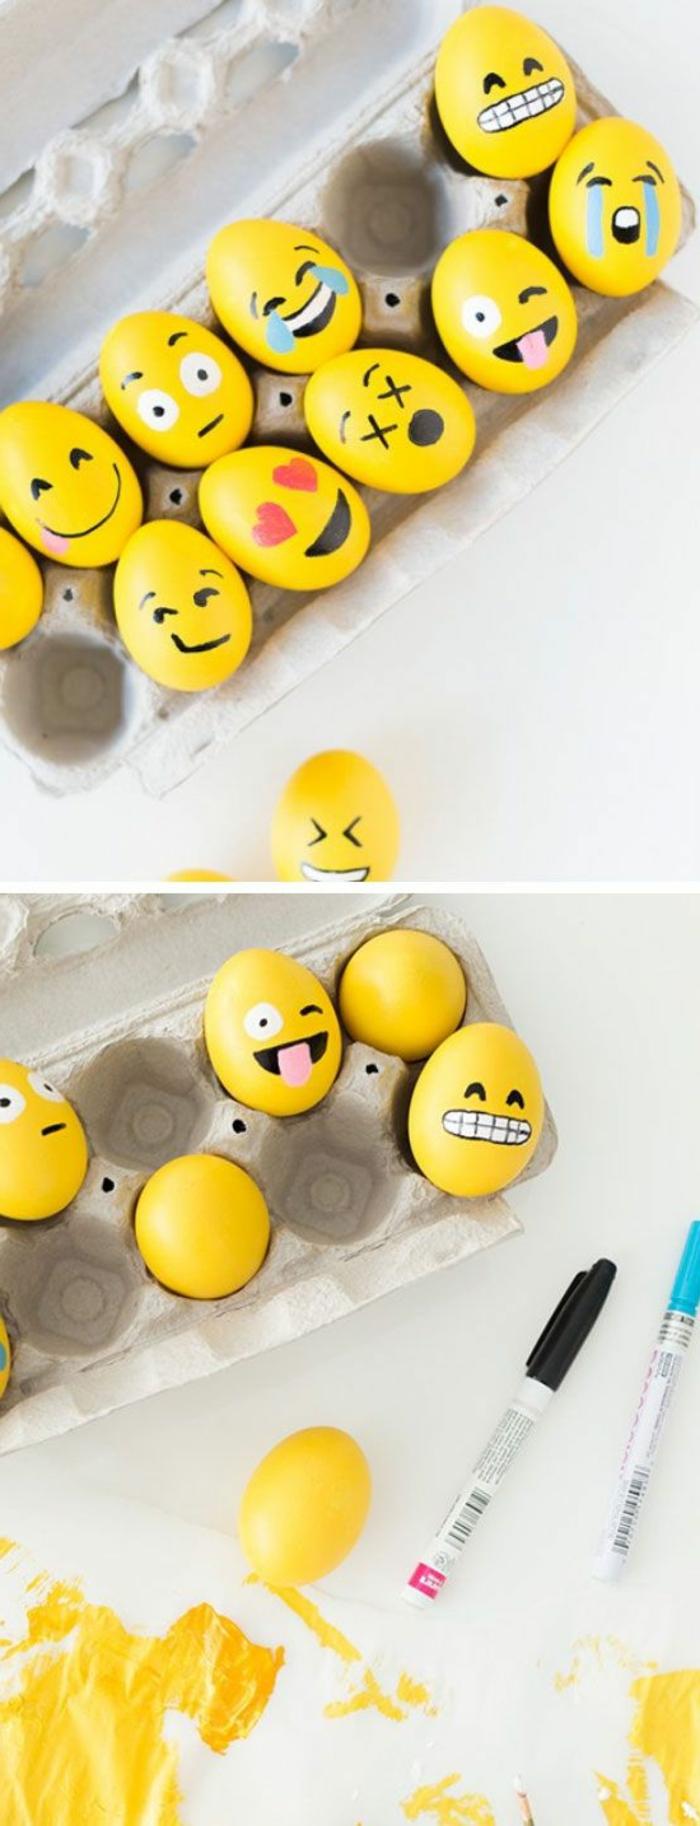 Ideen für gelbe Ostereier mit Emojis bemalen - verschiedene Mienen